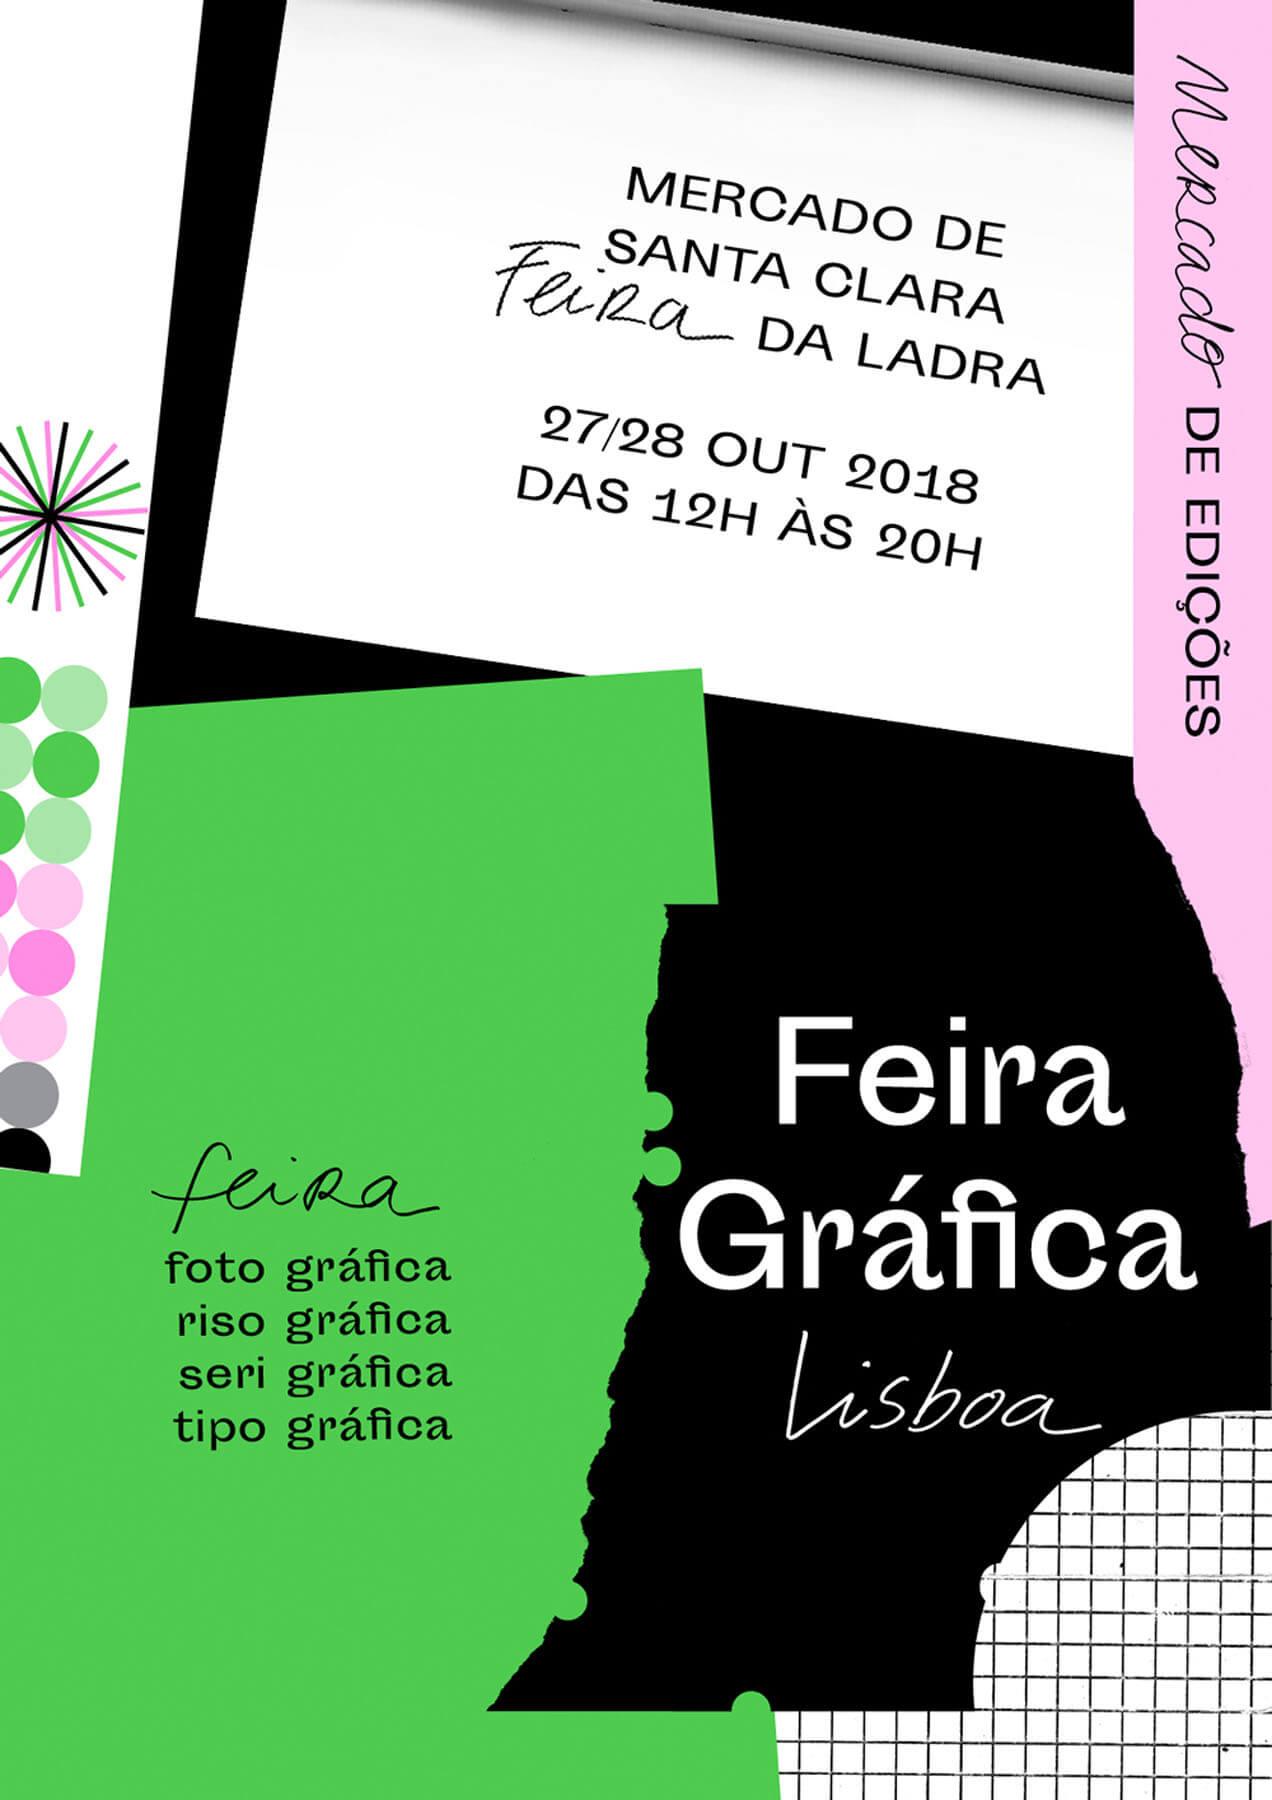 feira grafica 2018 isabel lucena 08